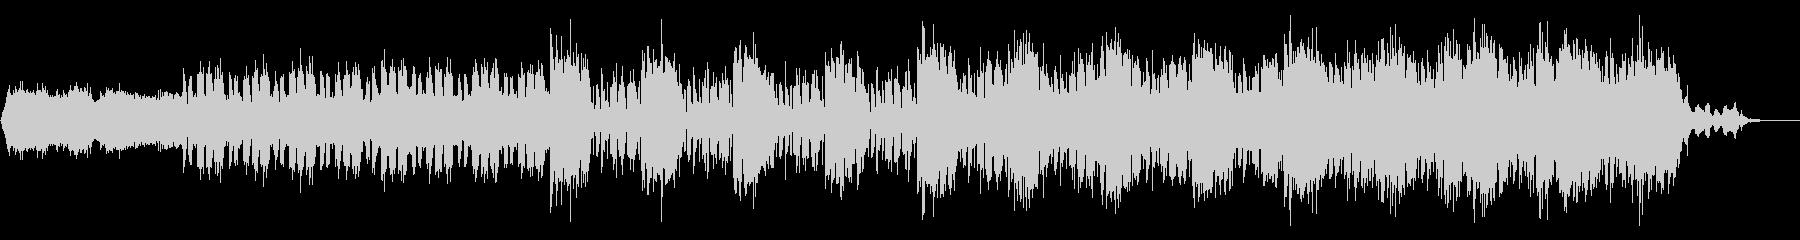 KANT混沌アンビエント20626の未再生の波形